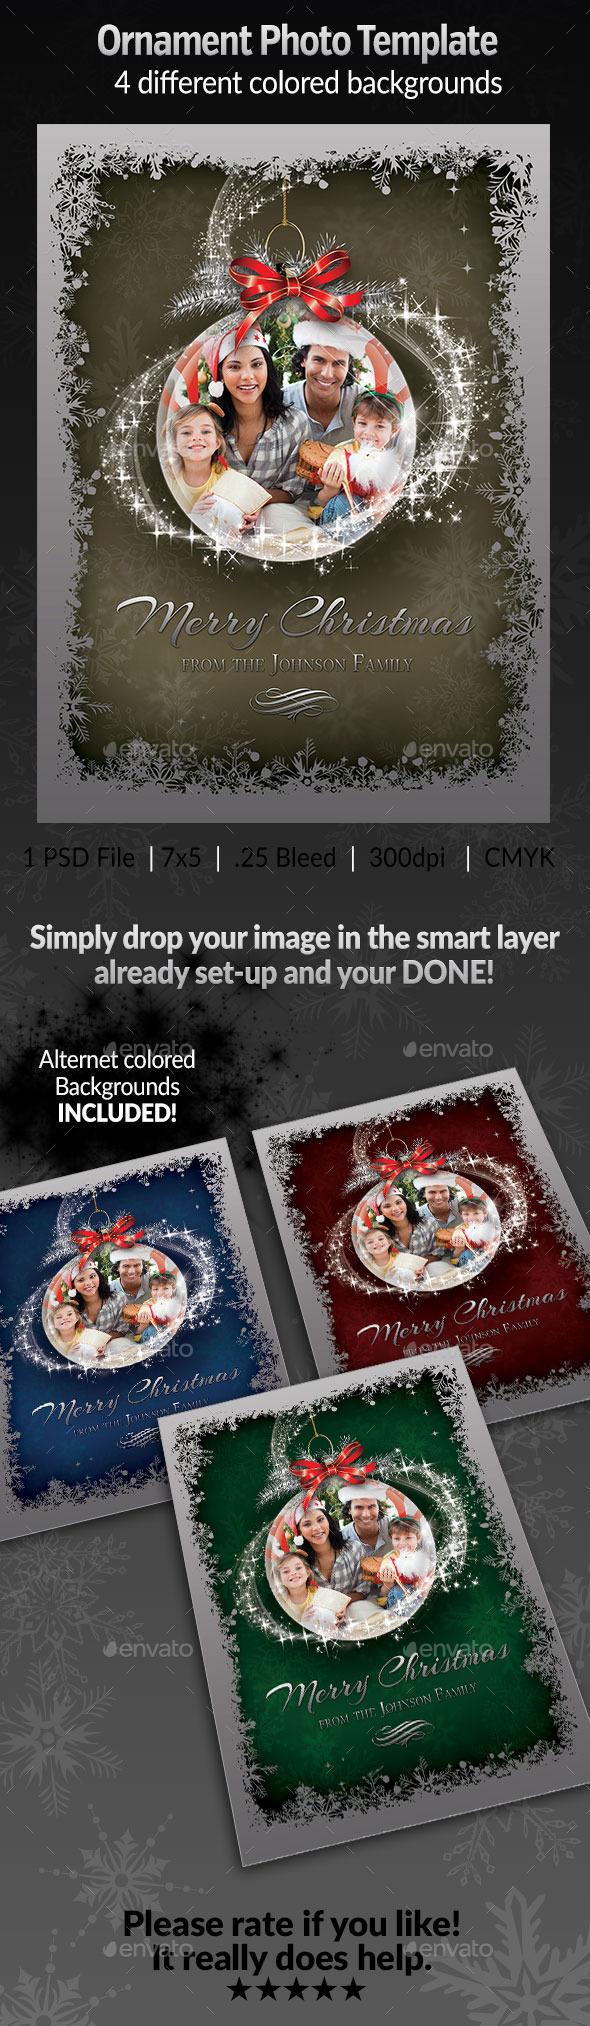 GraphicRiver Ornament Photo Template 9539211